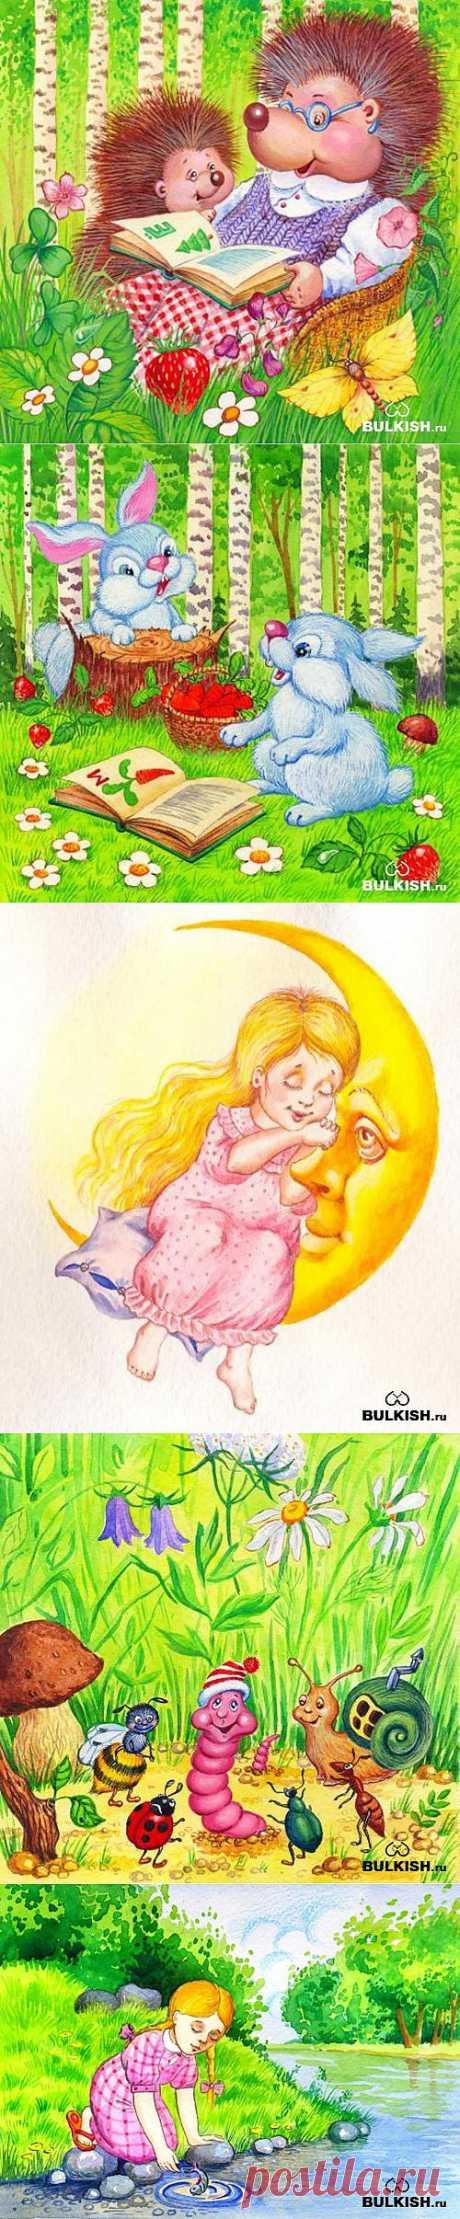 Детские сказочные иллюстрации от Скрипниченко Киры » NIFIGA-SEBE.RU - фотографии, клипарты, вектор, картинки и шаблоны